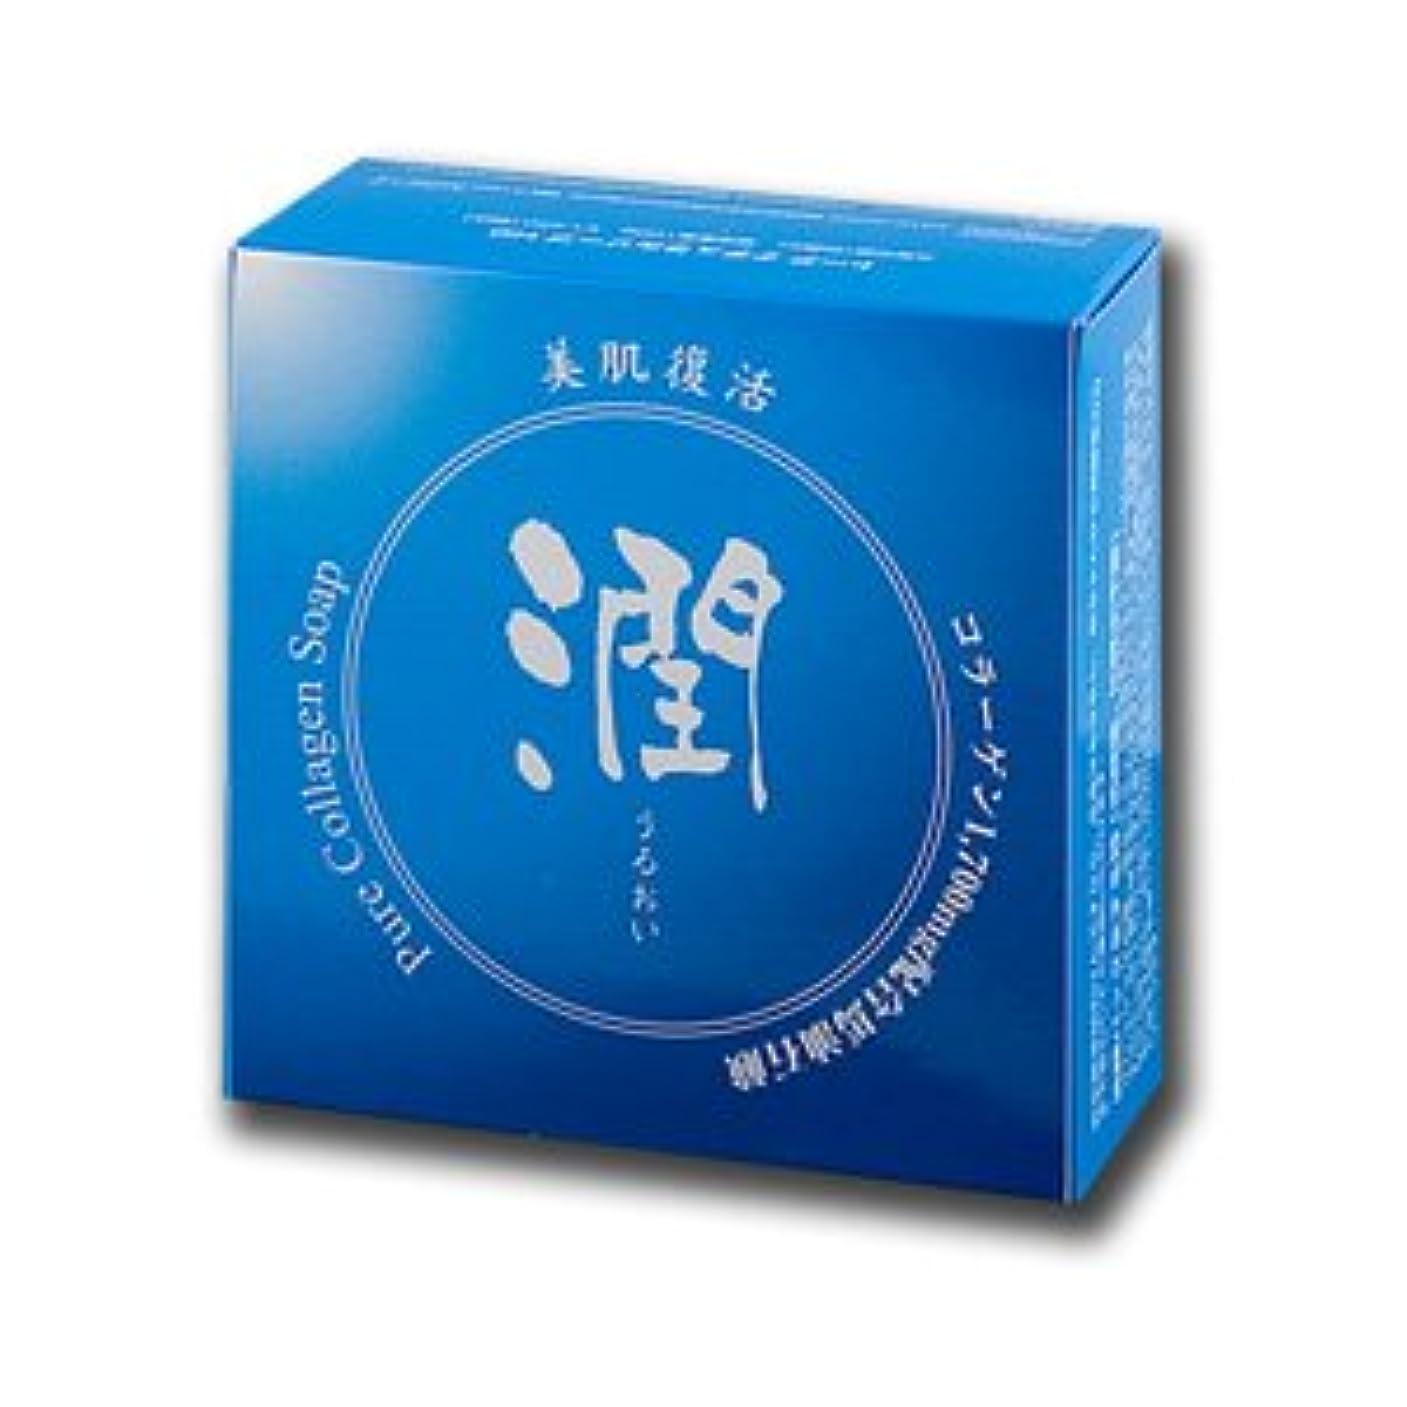 オッズイブニング請願者コラーゲン馬油石鹸 潤 100g (#800410) ×3個セット